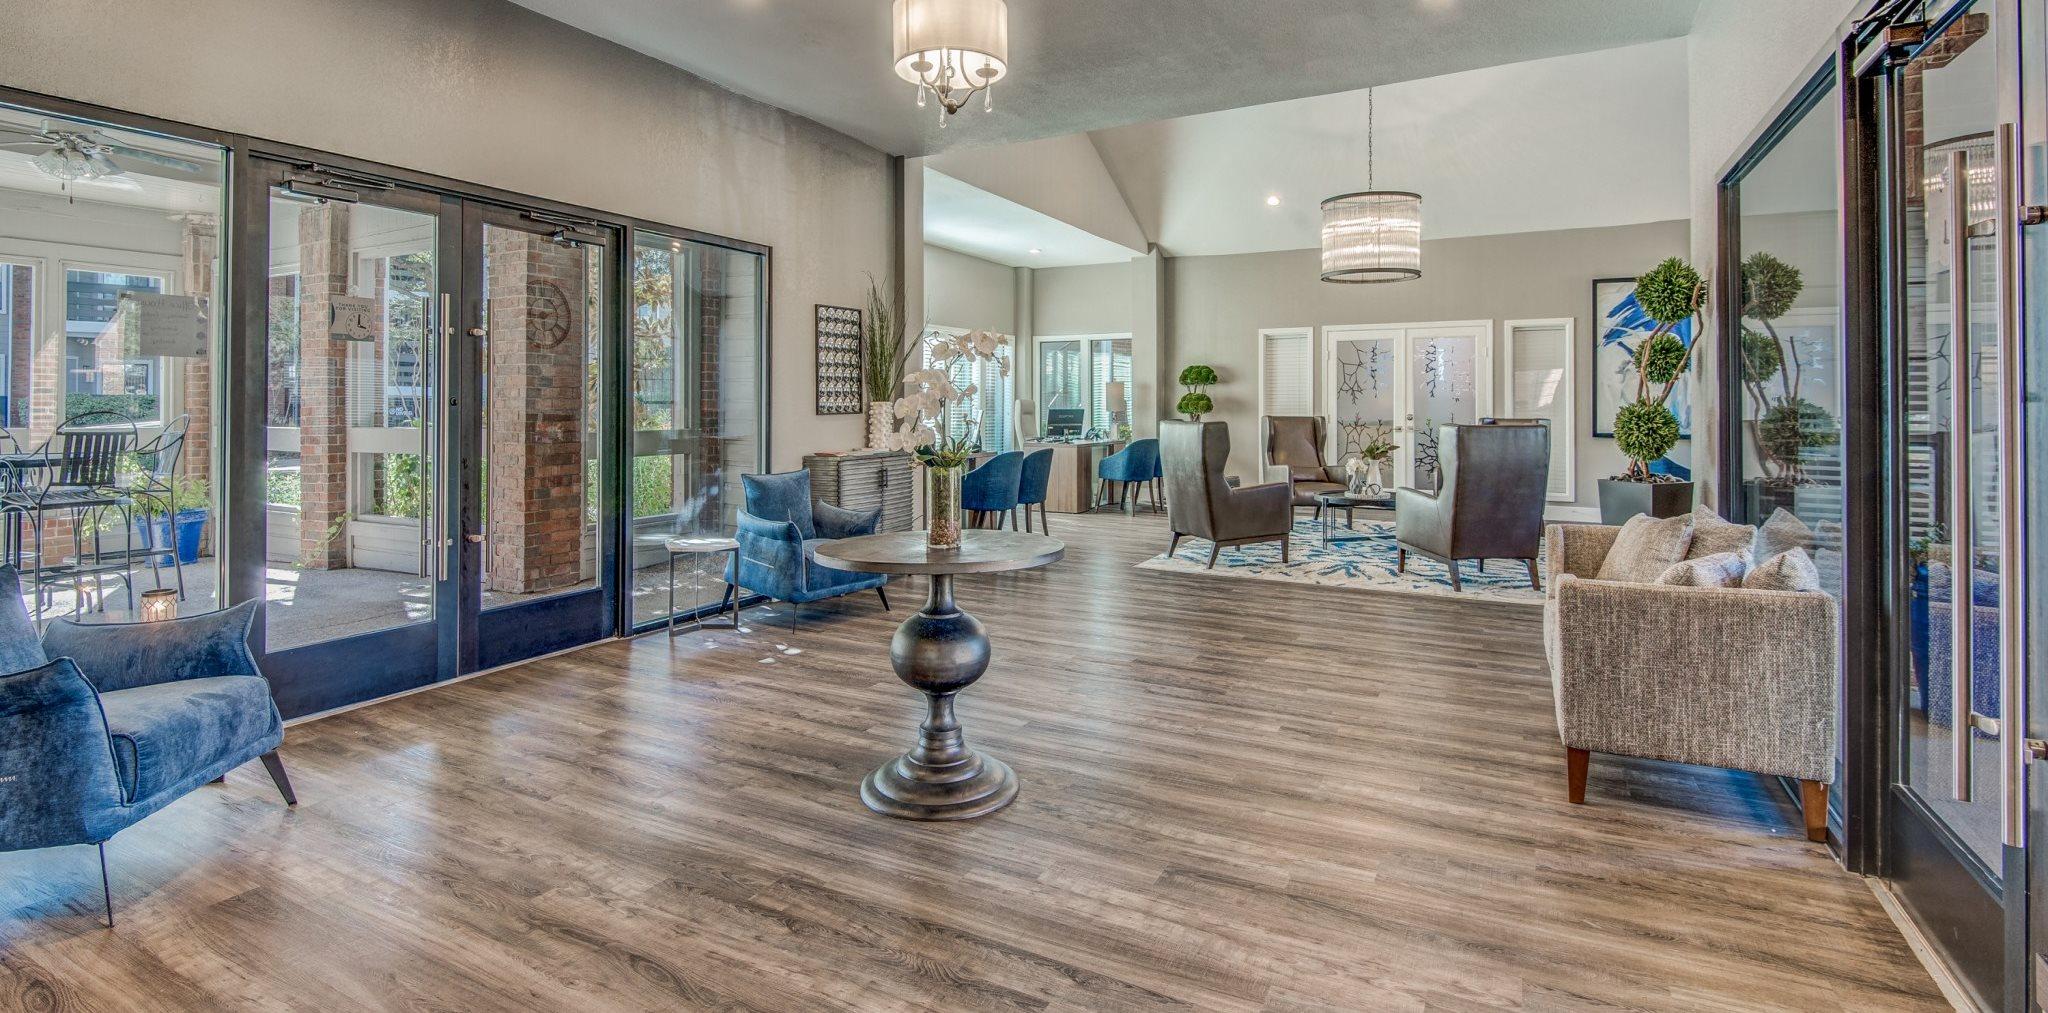 Champions Of North Dallas Apartments In Dallas Tx